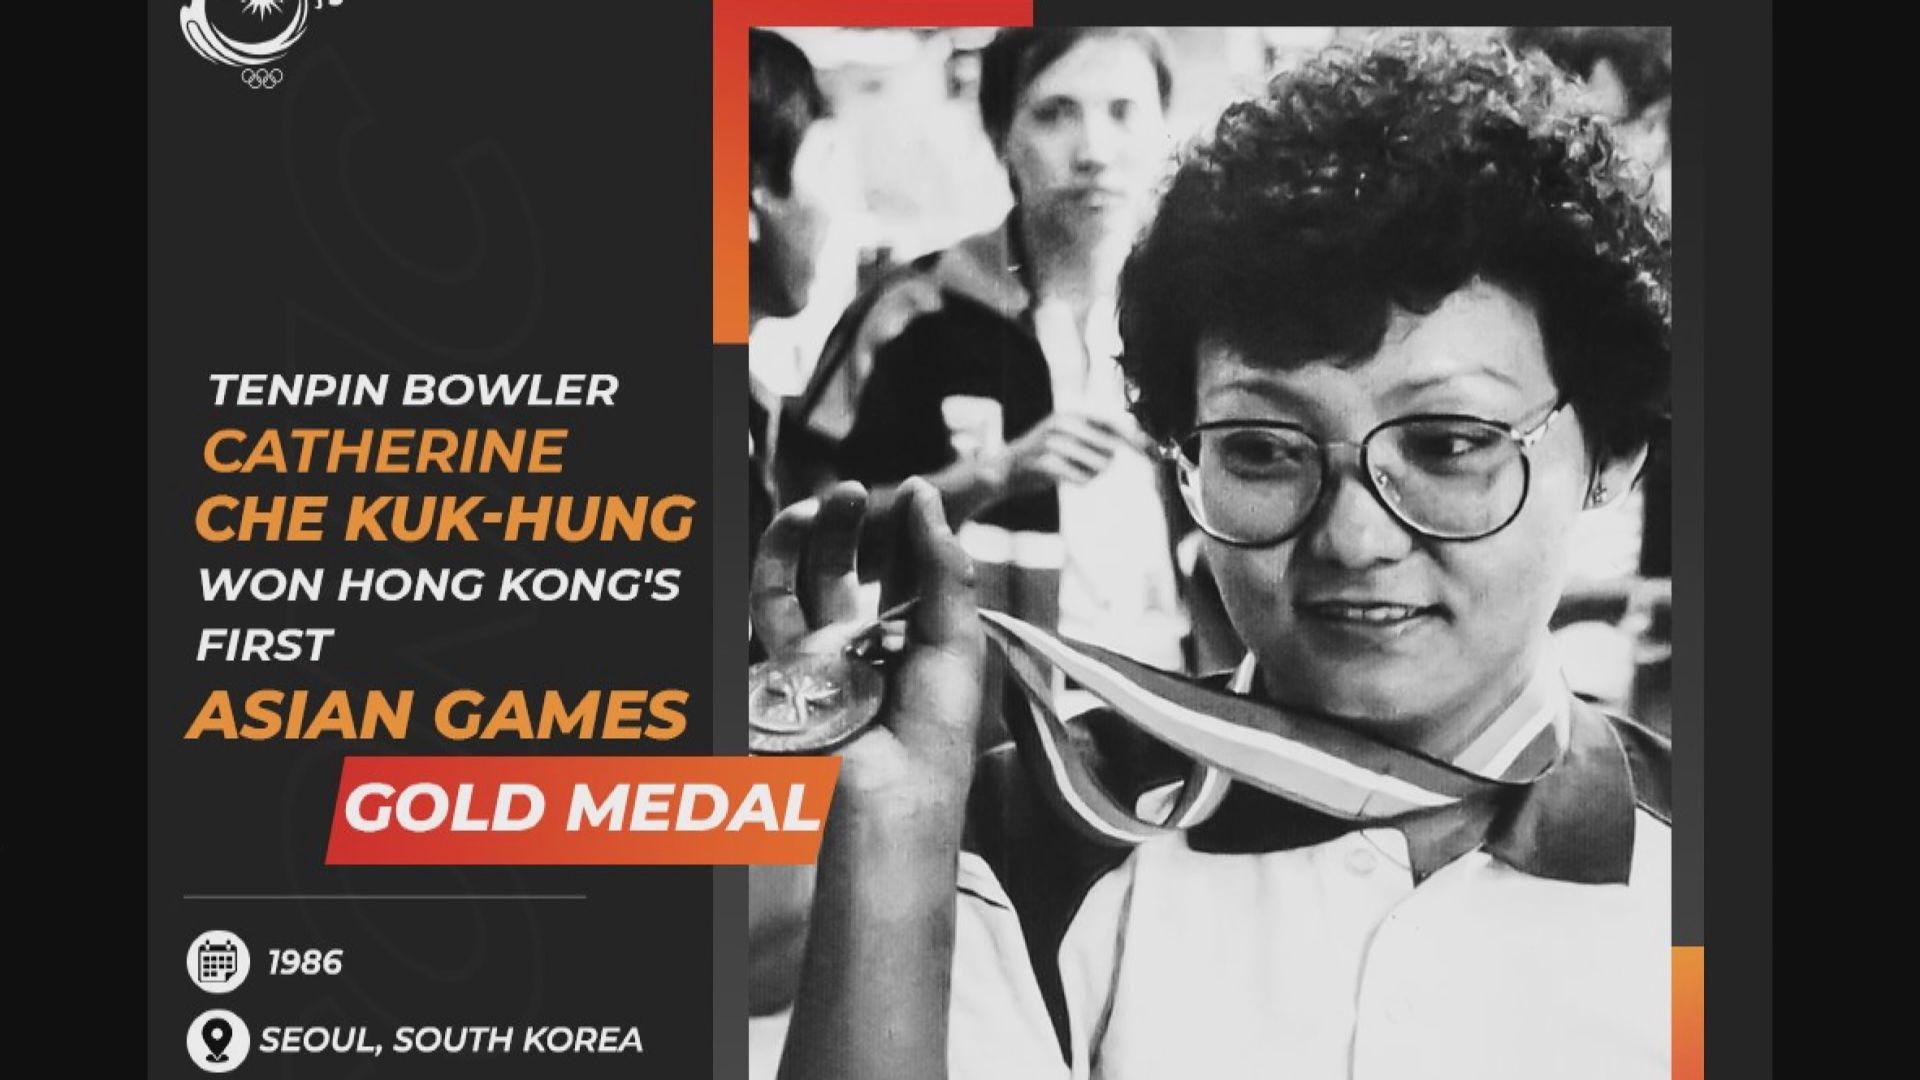 香港亞運首金保齡球員車菊紅離世 終年69歲